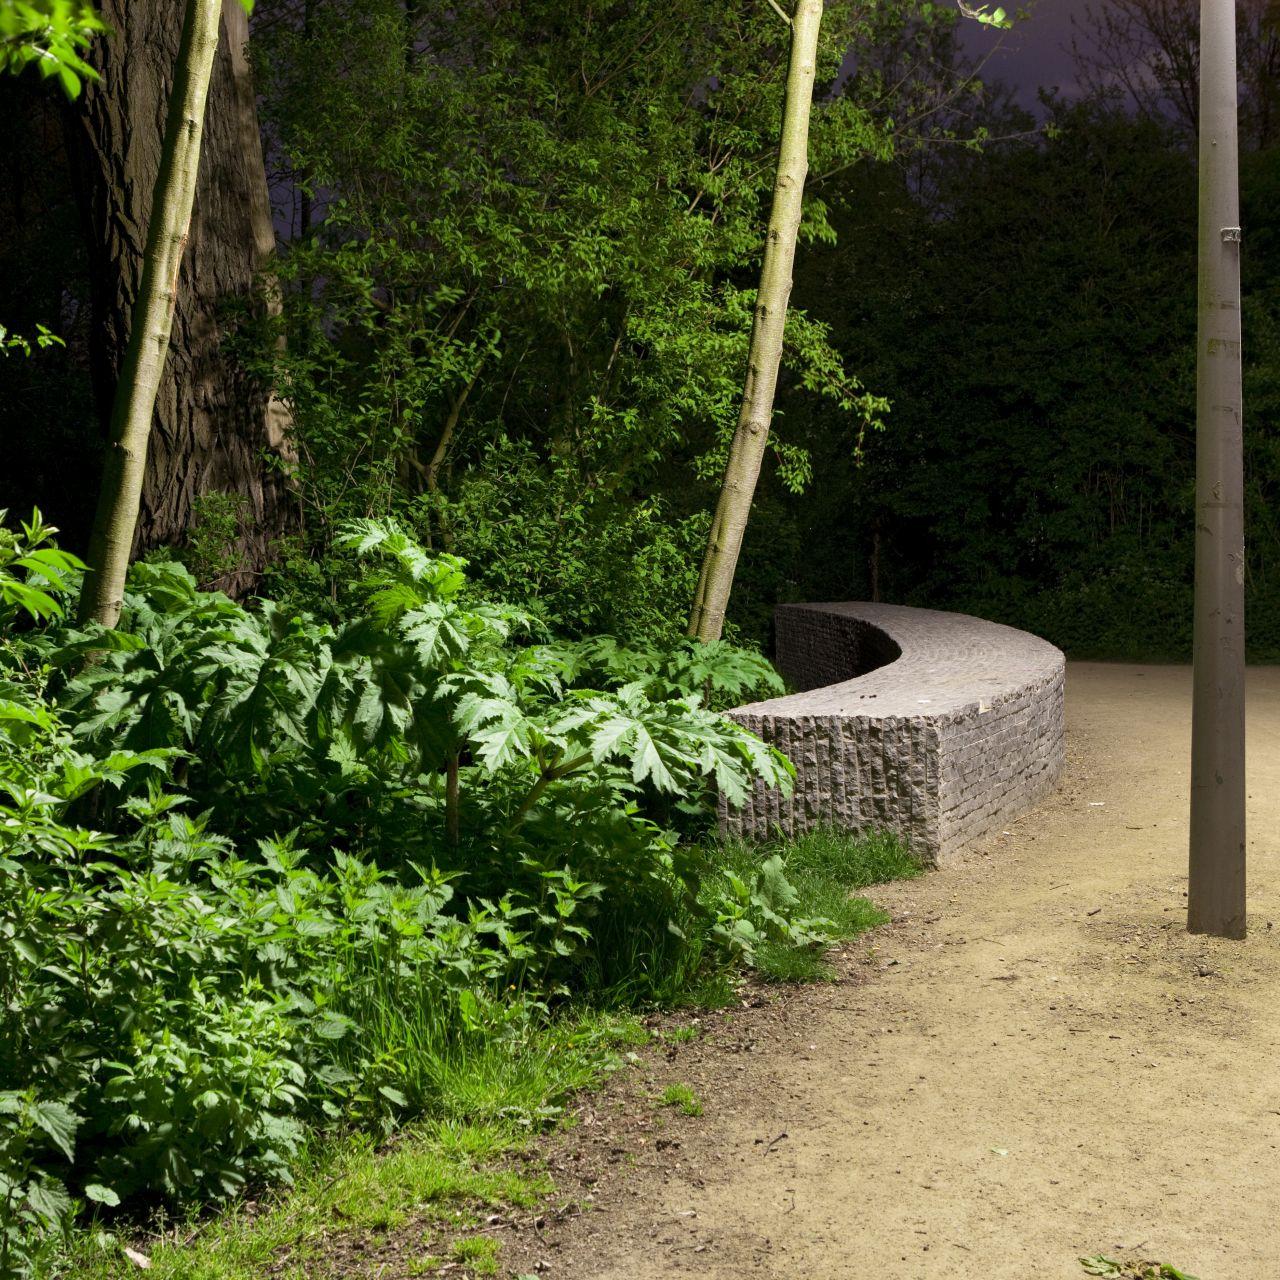 de stad Vondelpark nacht (7 van 8)